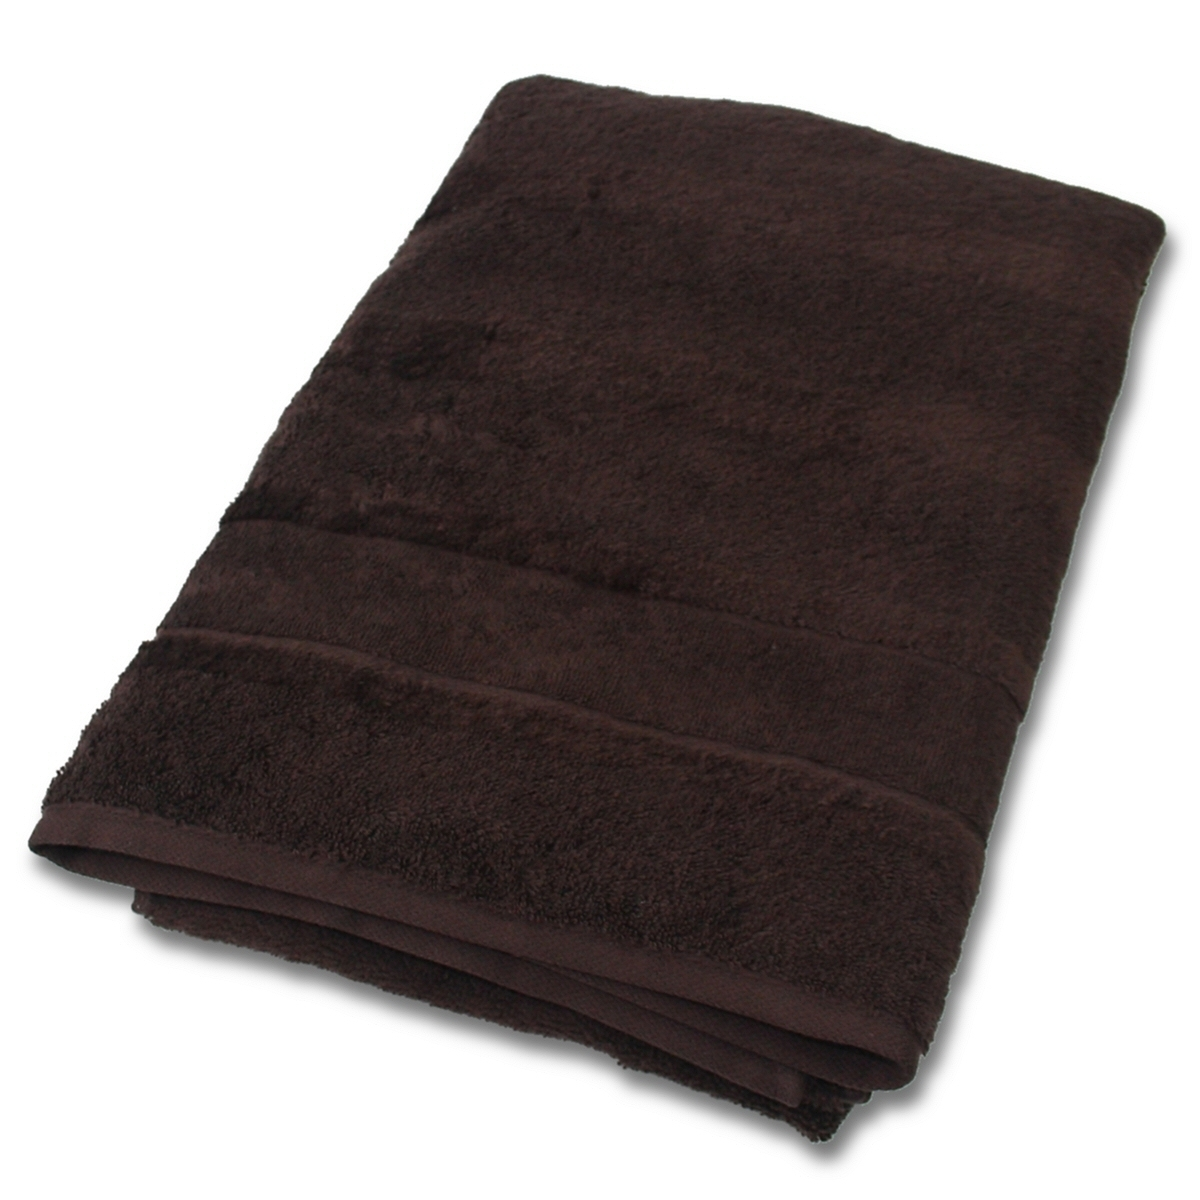 Полотенце 30x50 Cawo Noblesse 1002 коричневое